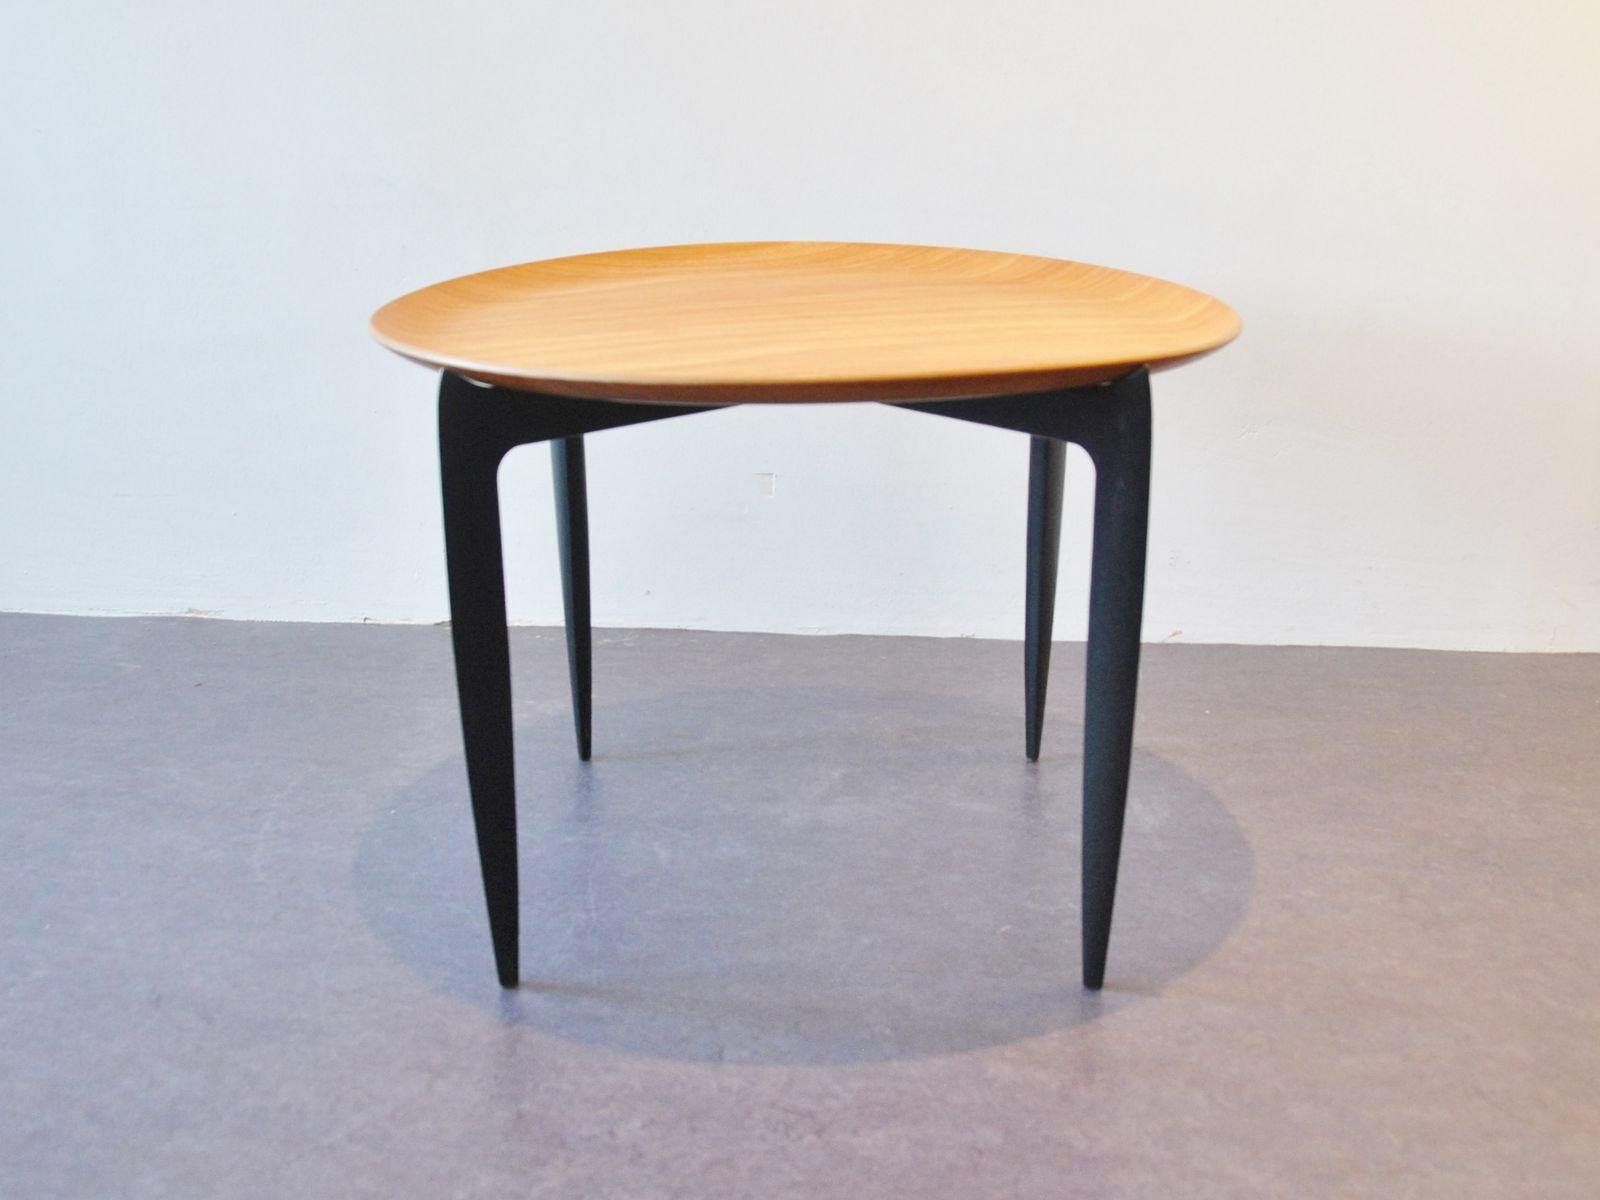 bakkebord coffee table by h engholm for fritz hansen for. Black Bedroom Furniture Sets. Home Design Ideas